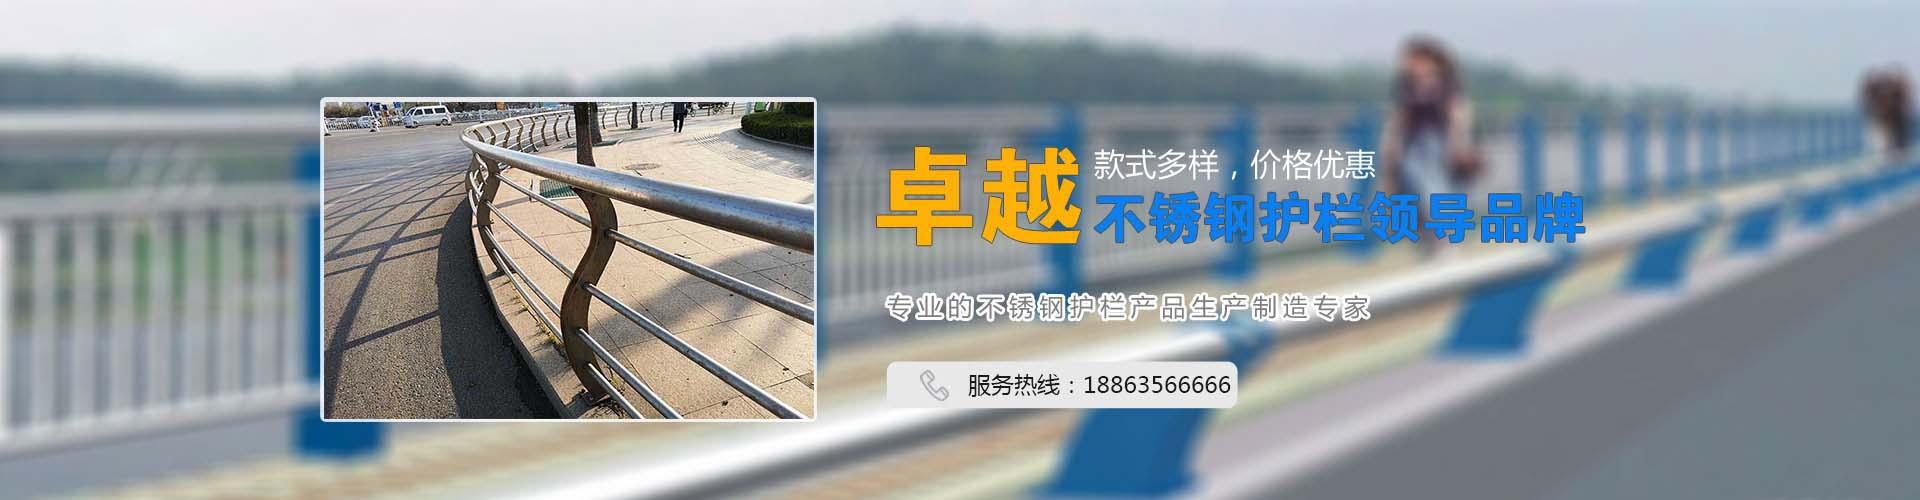 不锈钢护栏厂家-山东久信